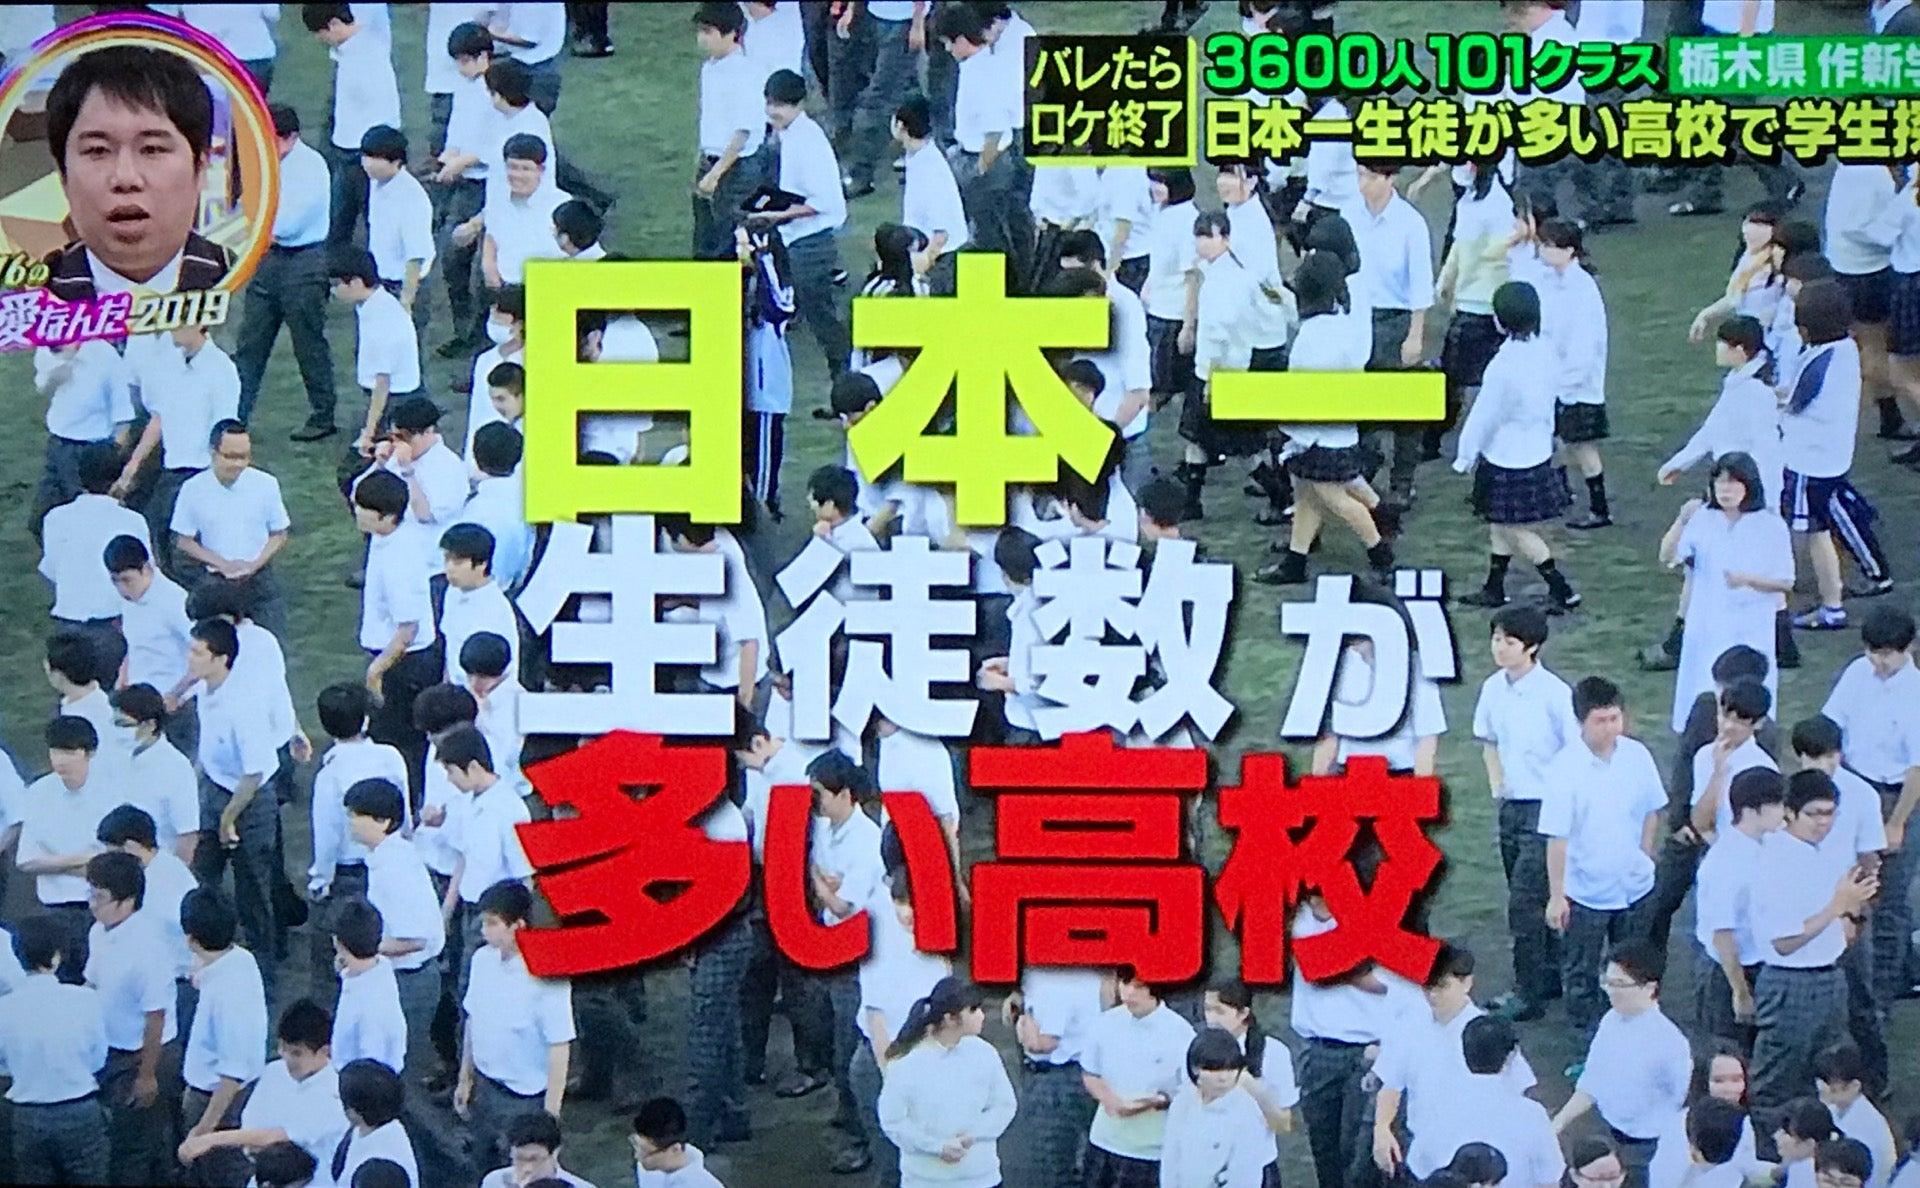 日本 一 の マンモス 校 高校